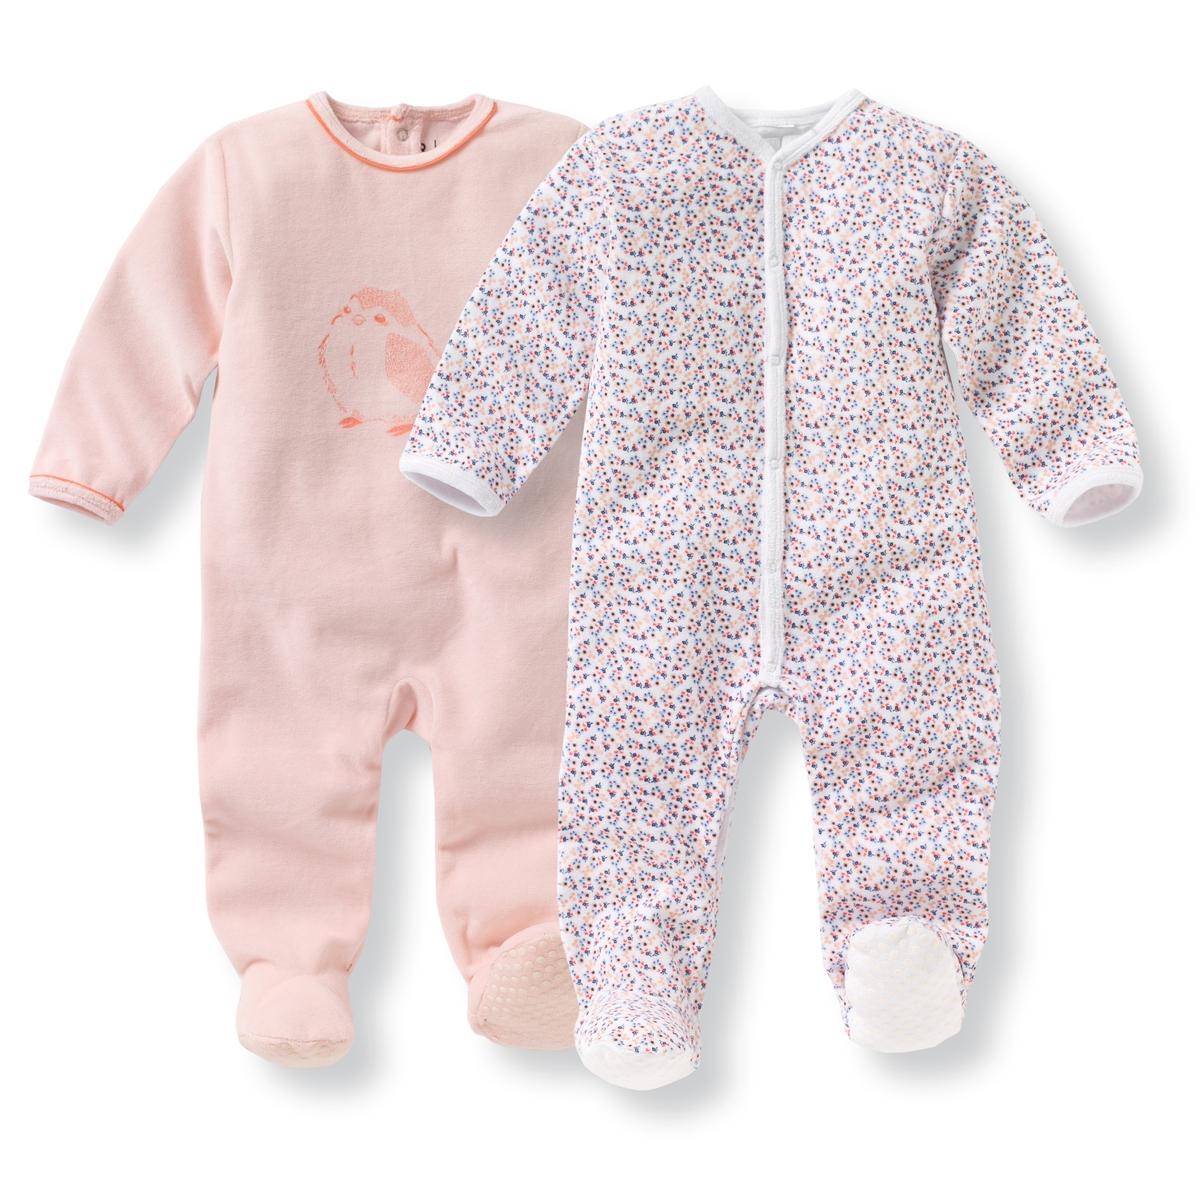 Комплект из 2 пижам для новорожденного 0 мес-3 лет